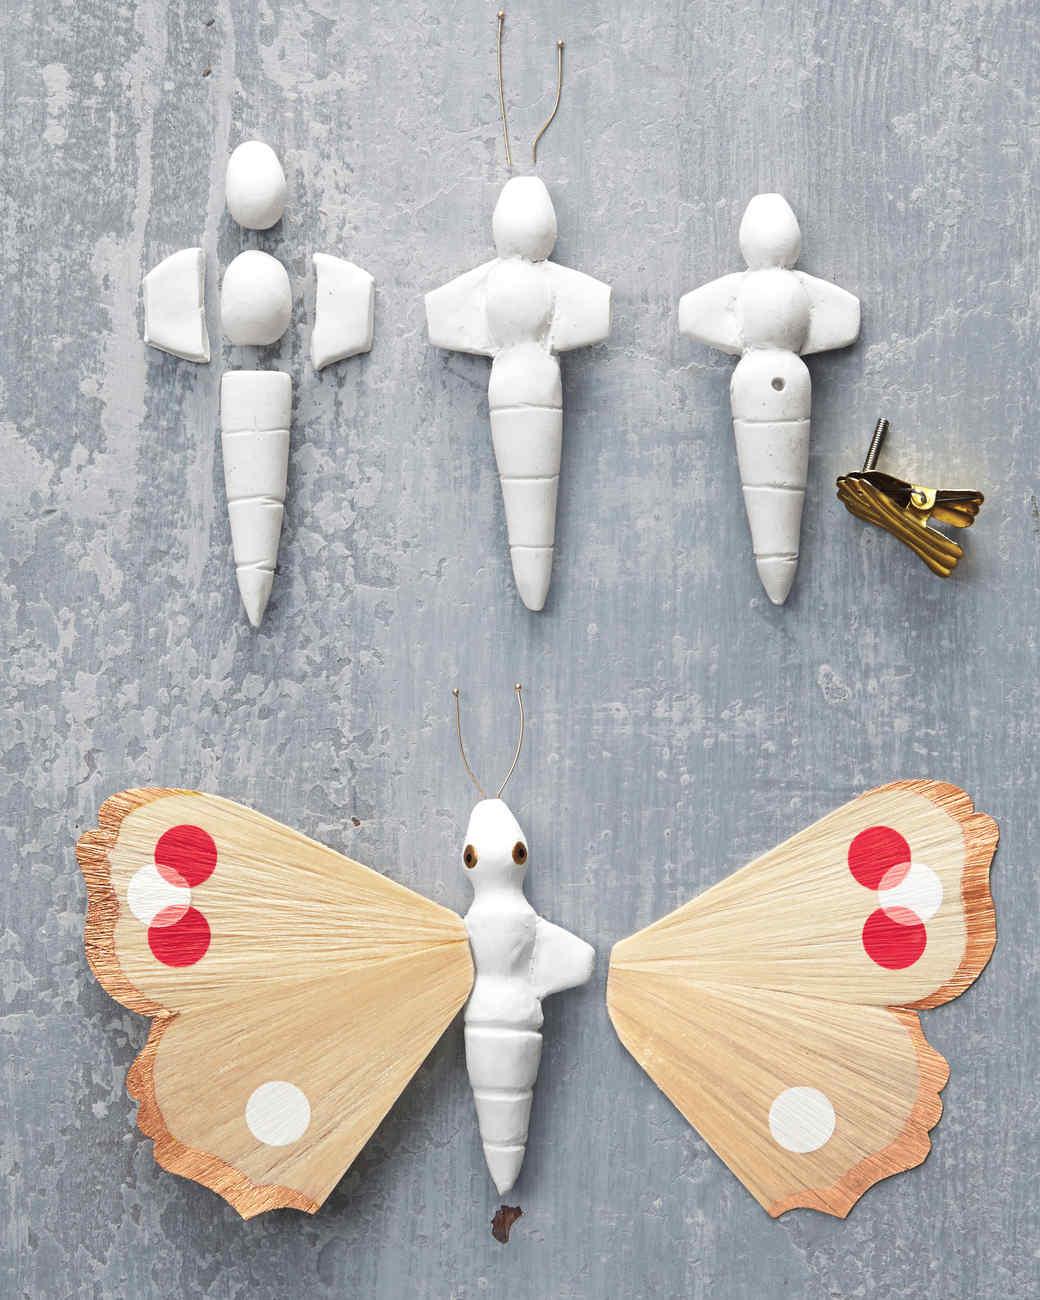 Spun-Glass Ornaments | Martha Stewart